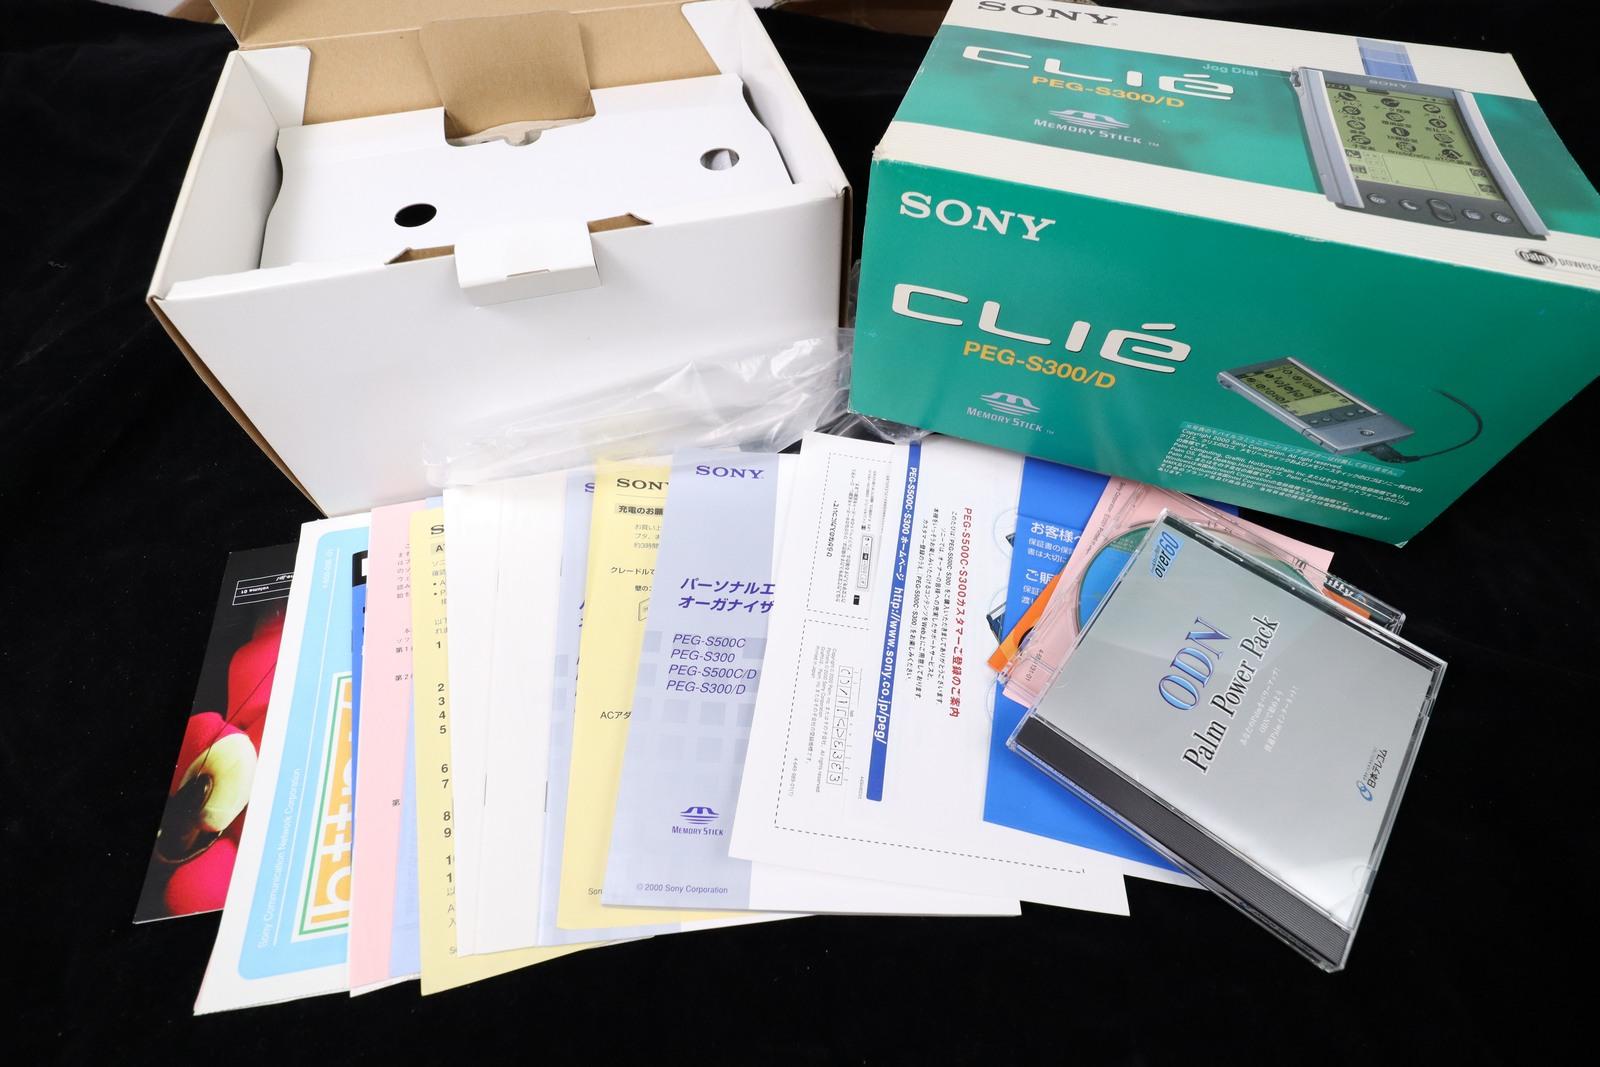 TH55 UX50 黑白屏 掌上电脑 PDA palm S300 PEG Clie SONY 全套